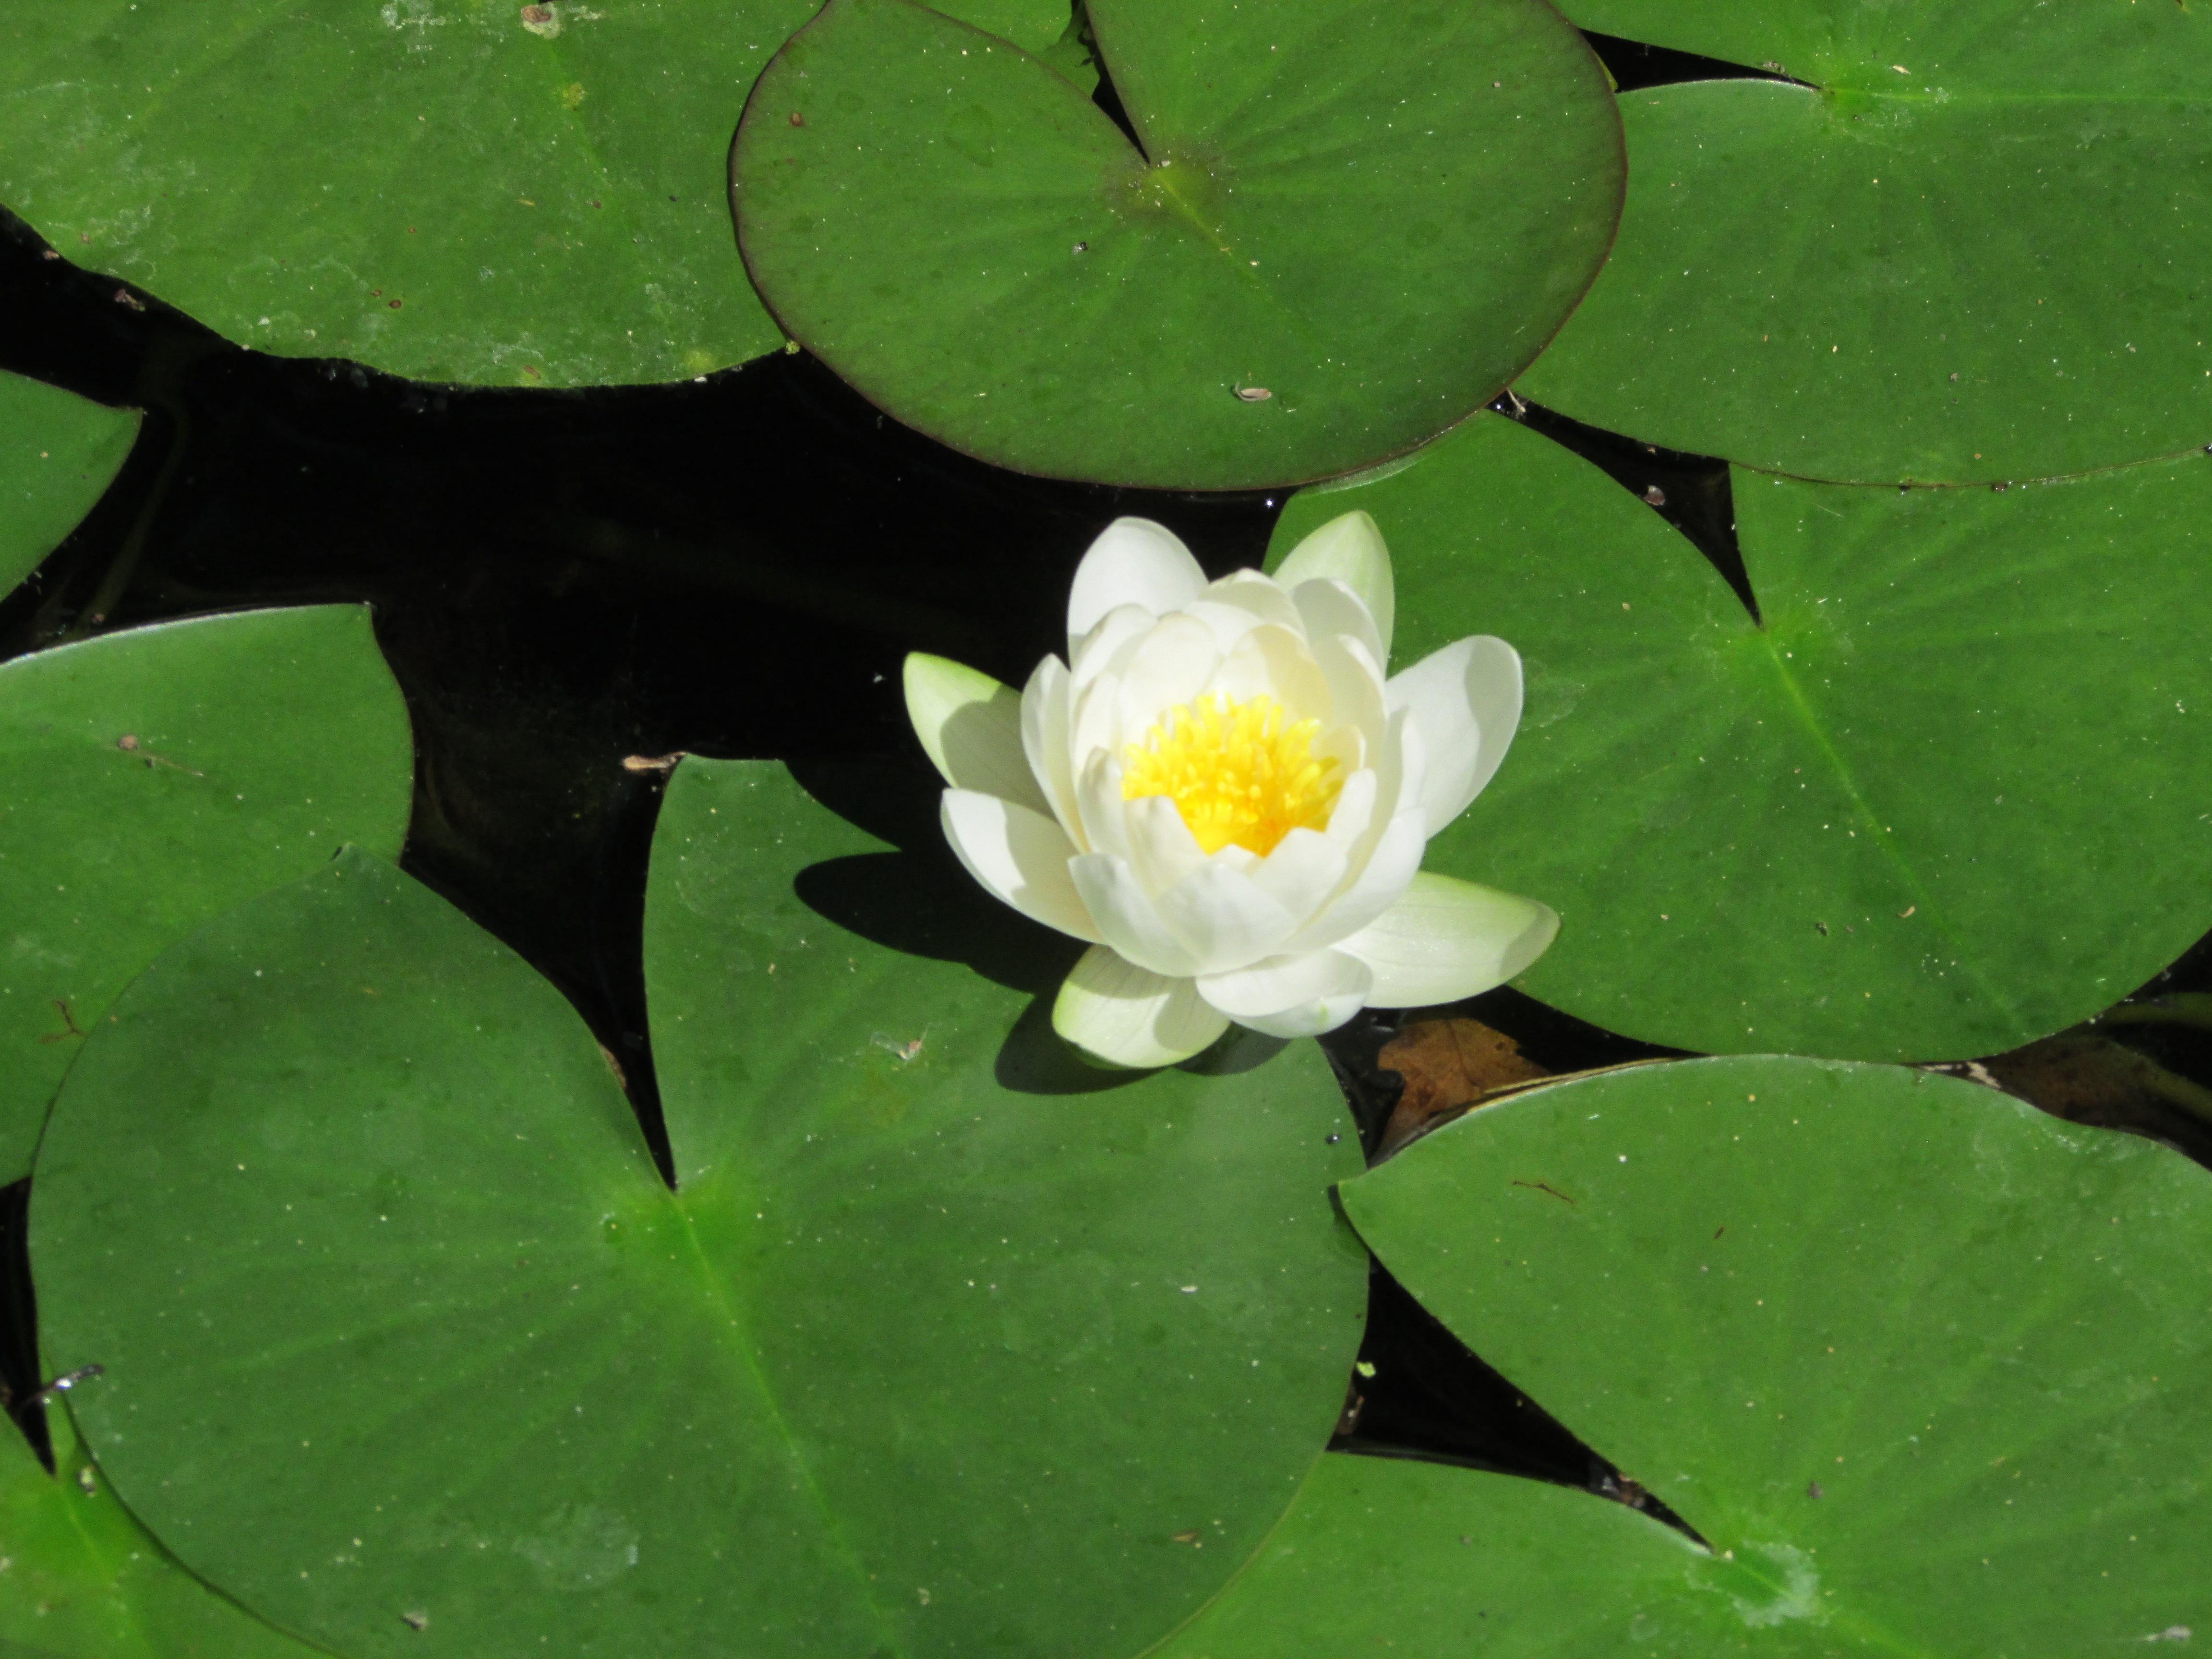 Fotos gratis : naturaleza, hoja, pétalo, verde, reflexión, botánica ...